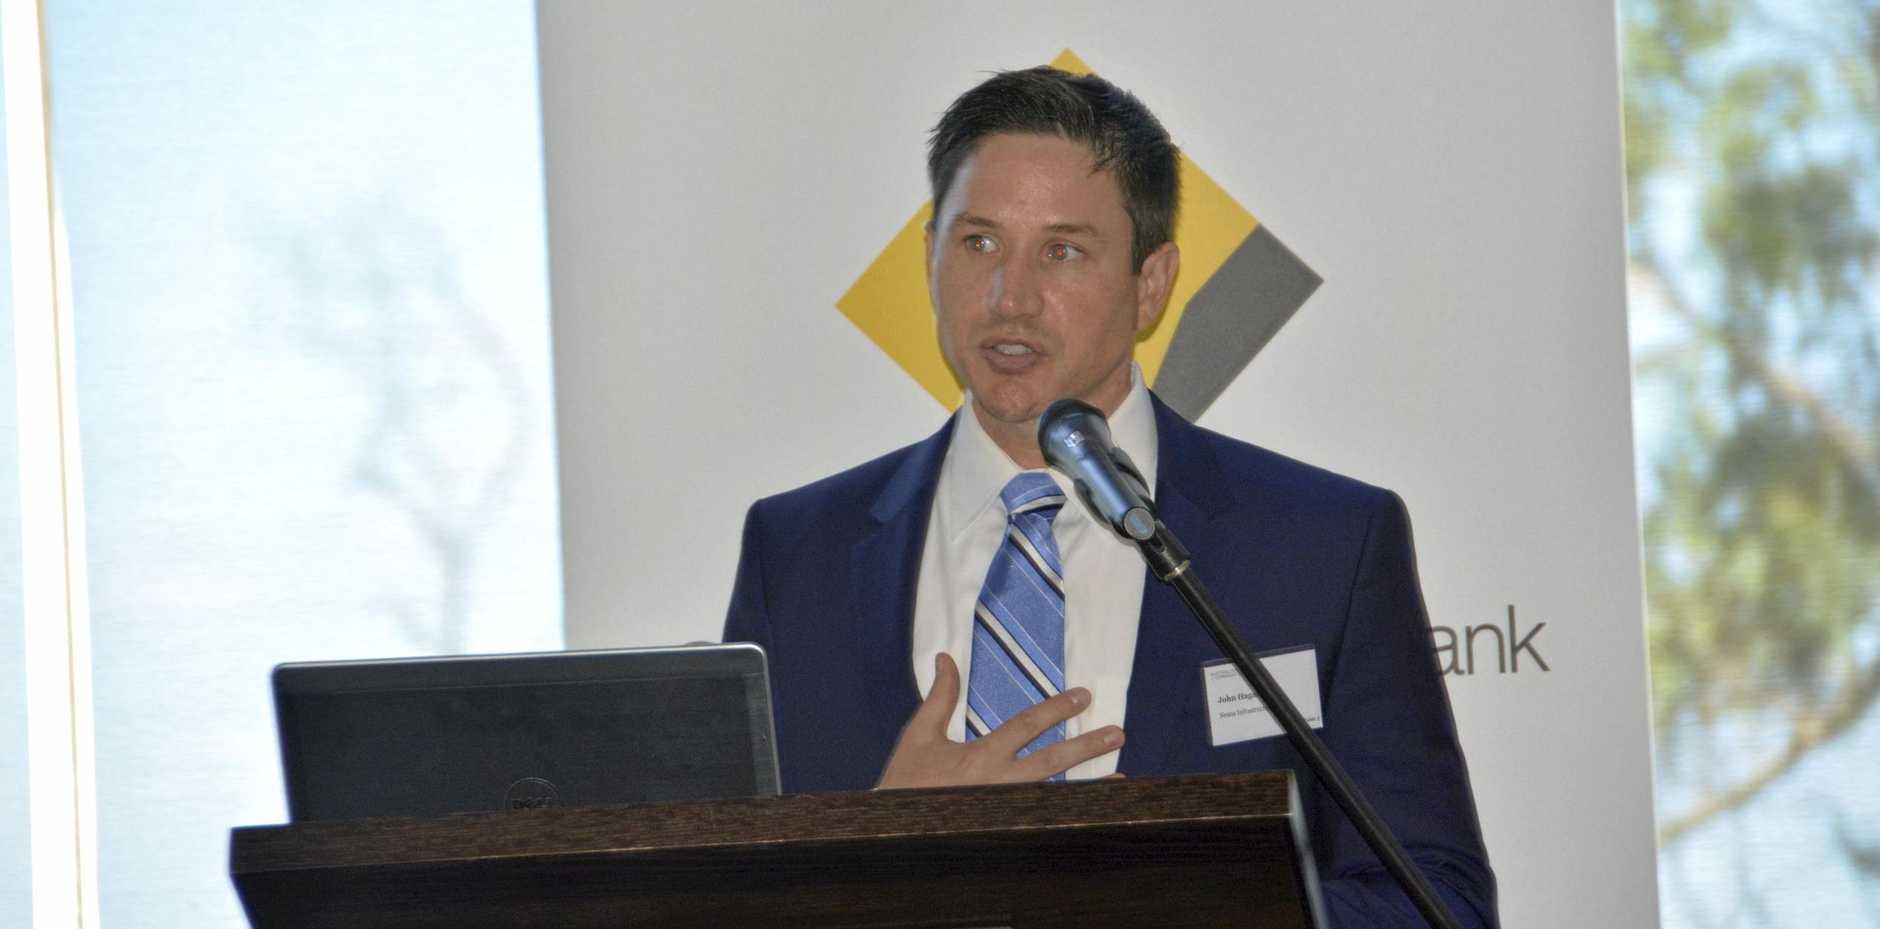 Nexus CEO John Hagan.